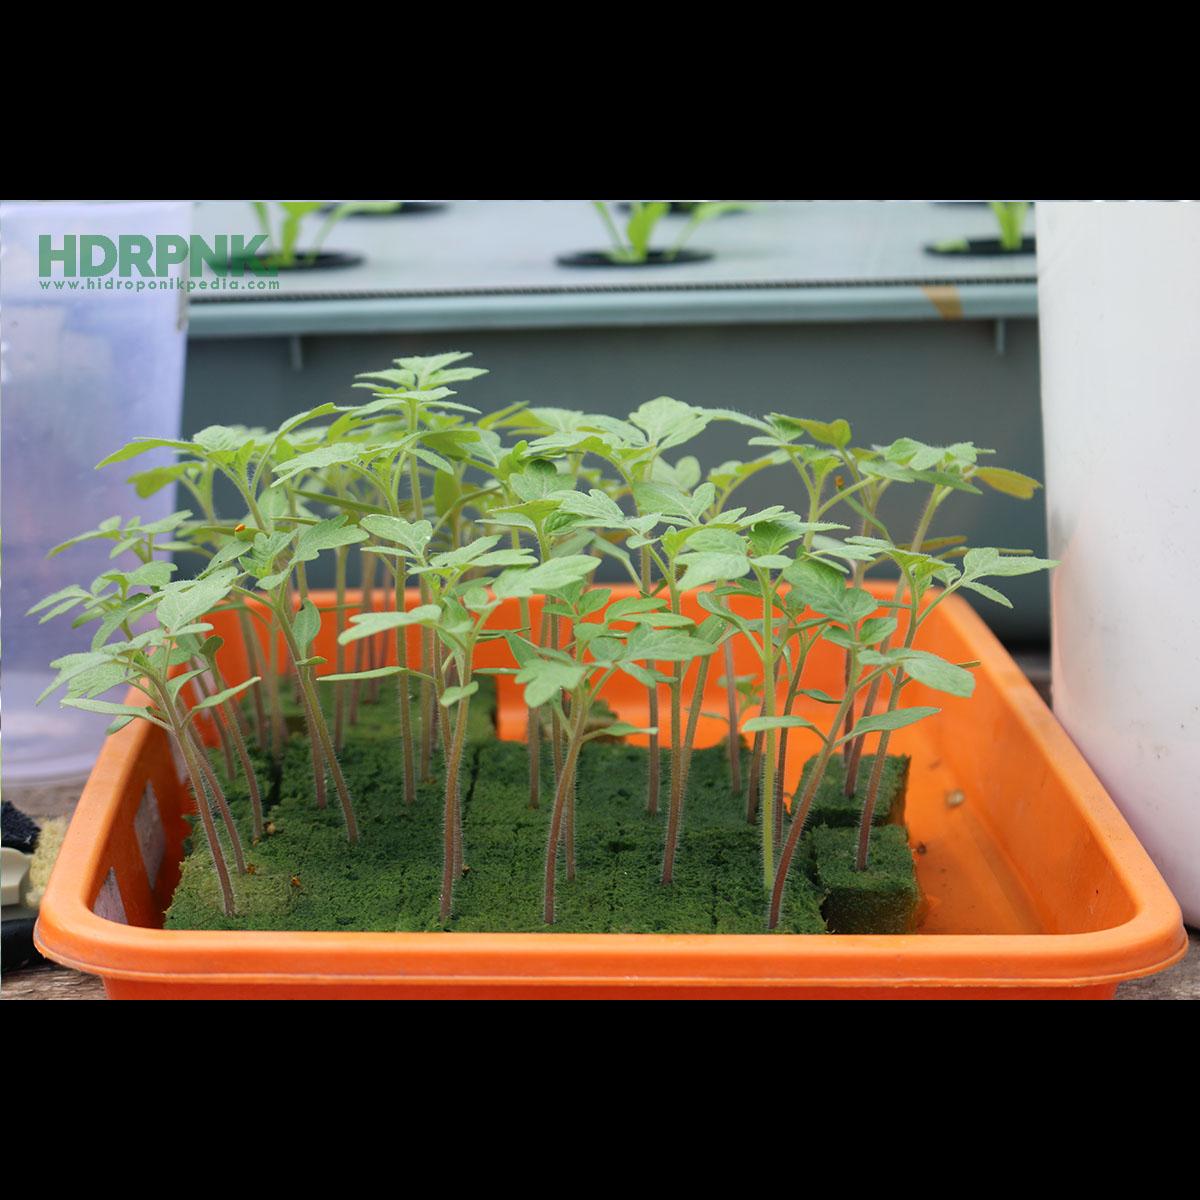 5 Langkah Menarik Menanam Tomat Hidroponik Hidroponikpedia